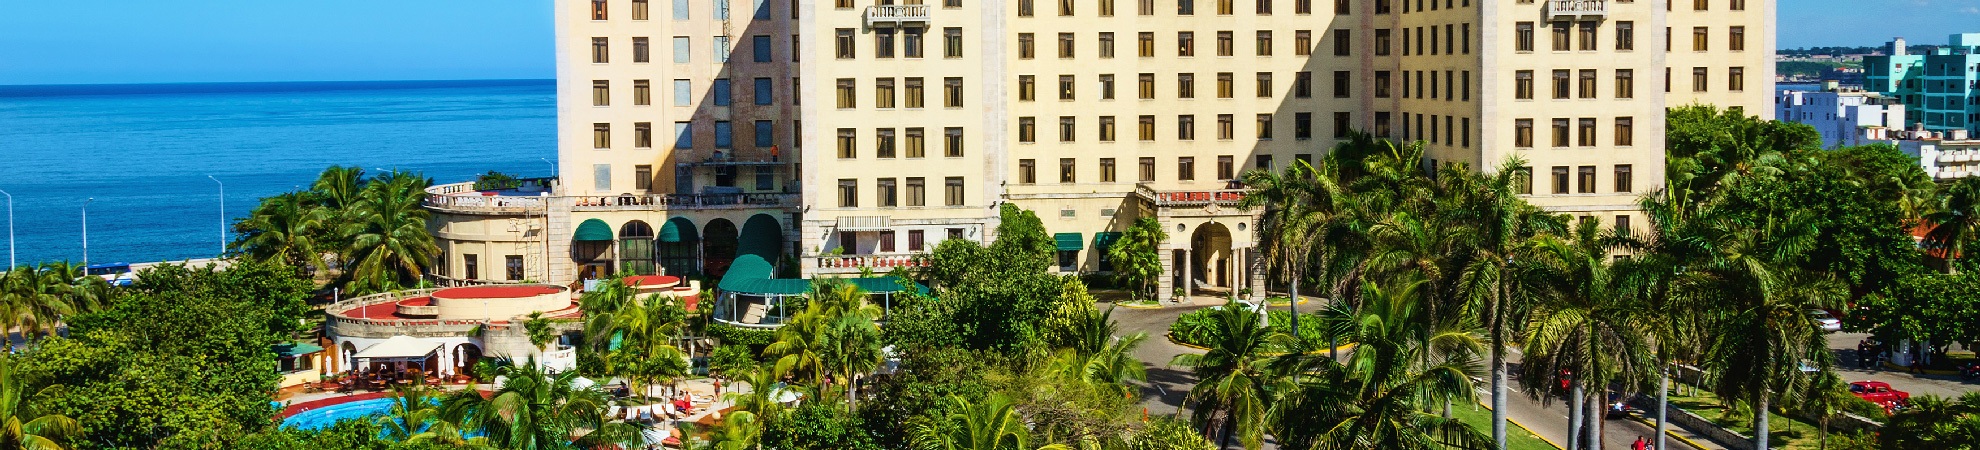 Hôtel La Havane